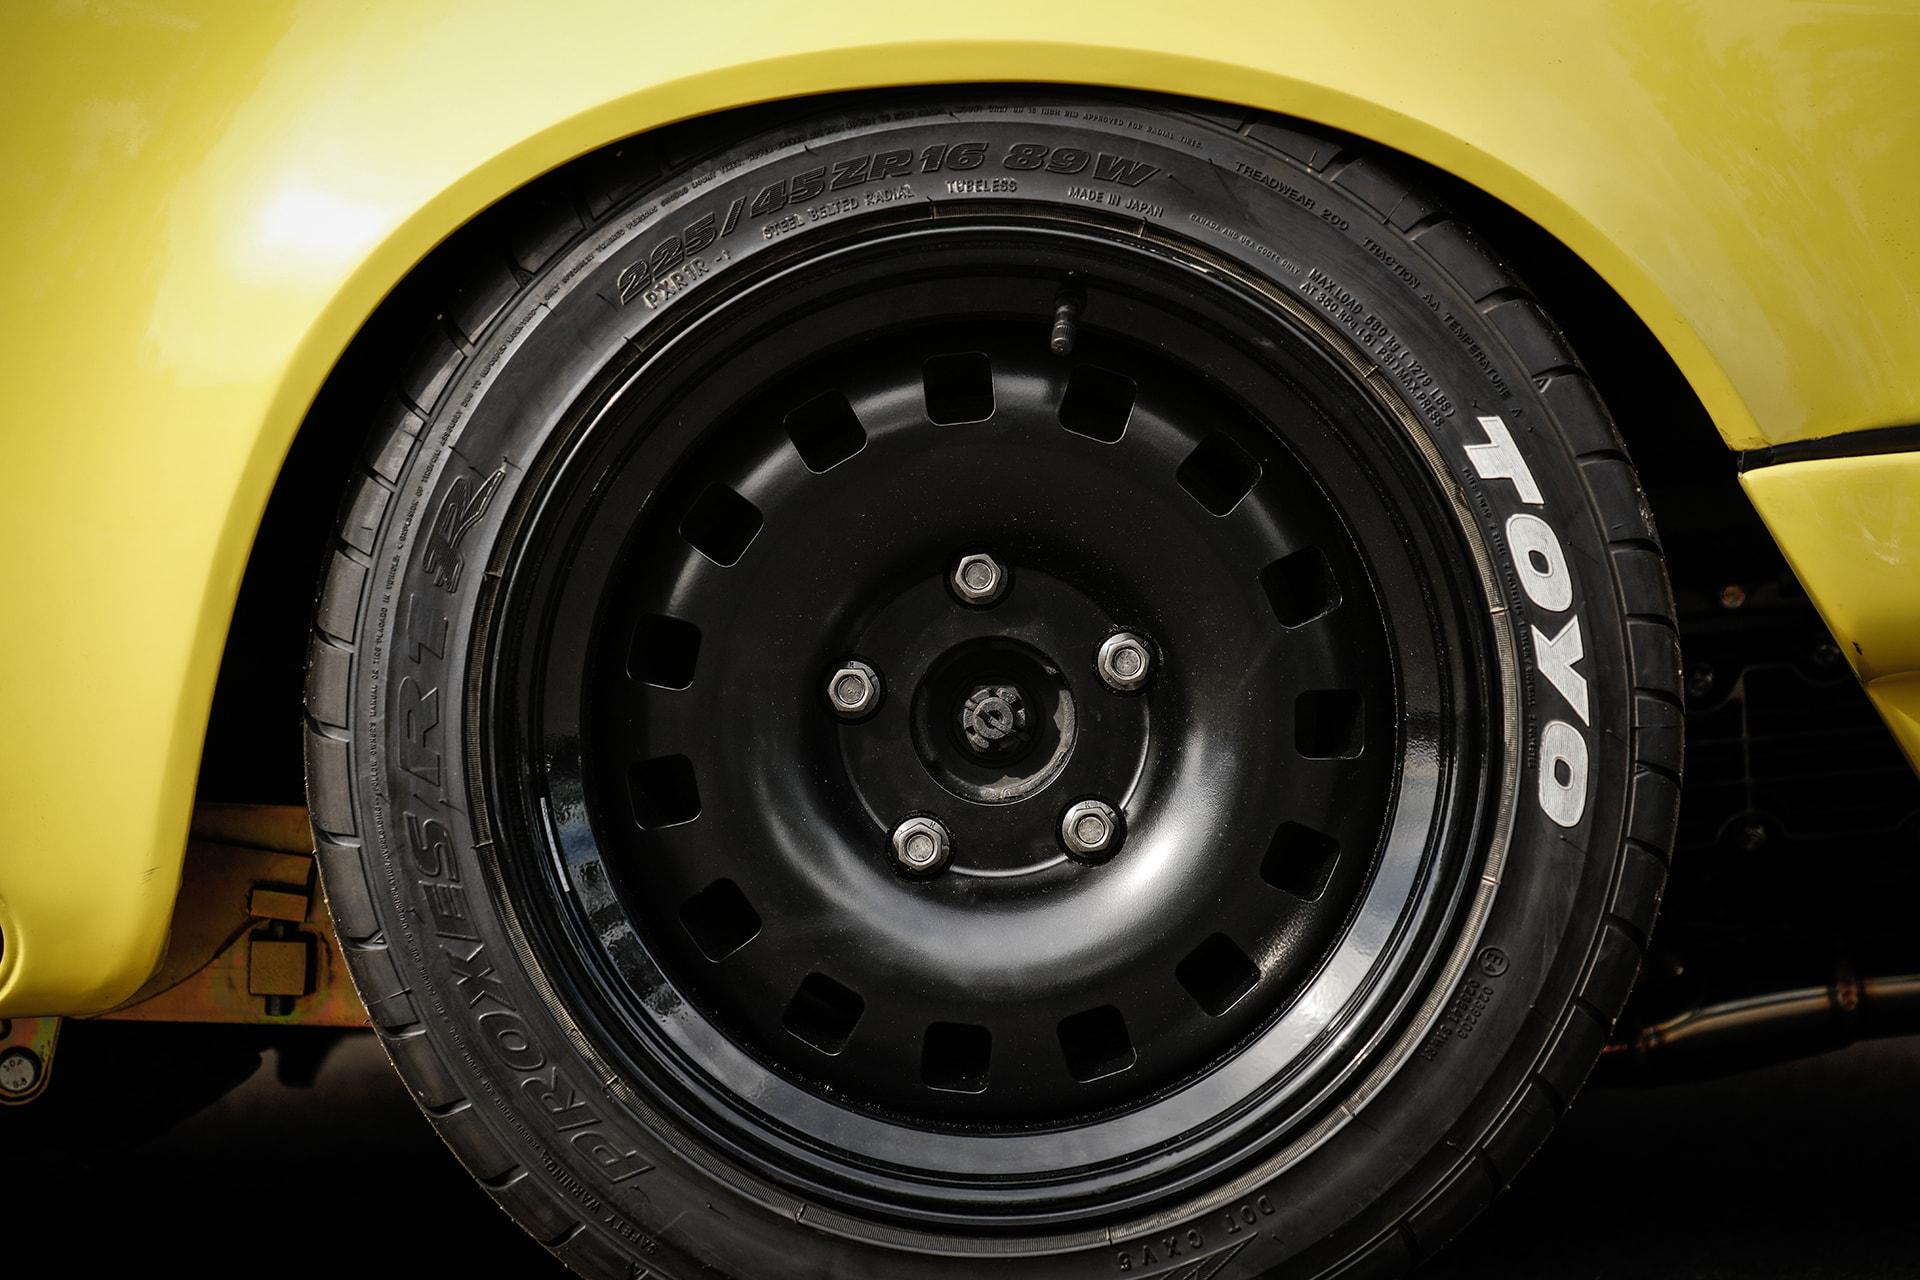 MR09 – The Yellow Hurricane